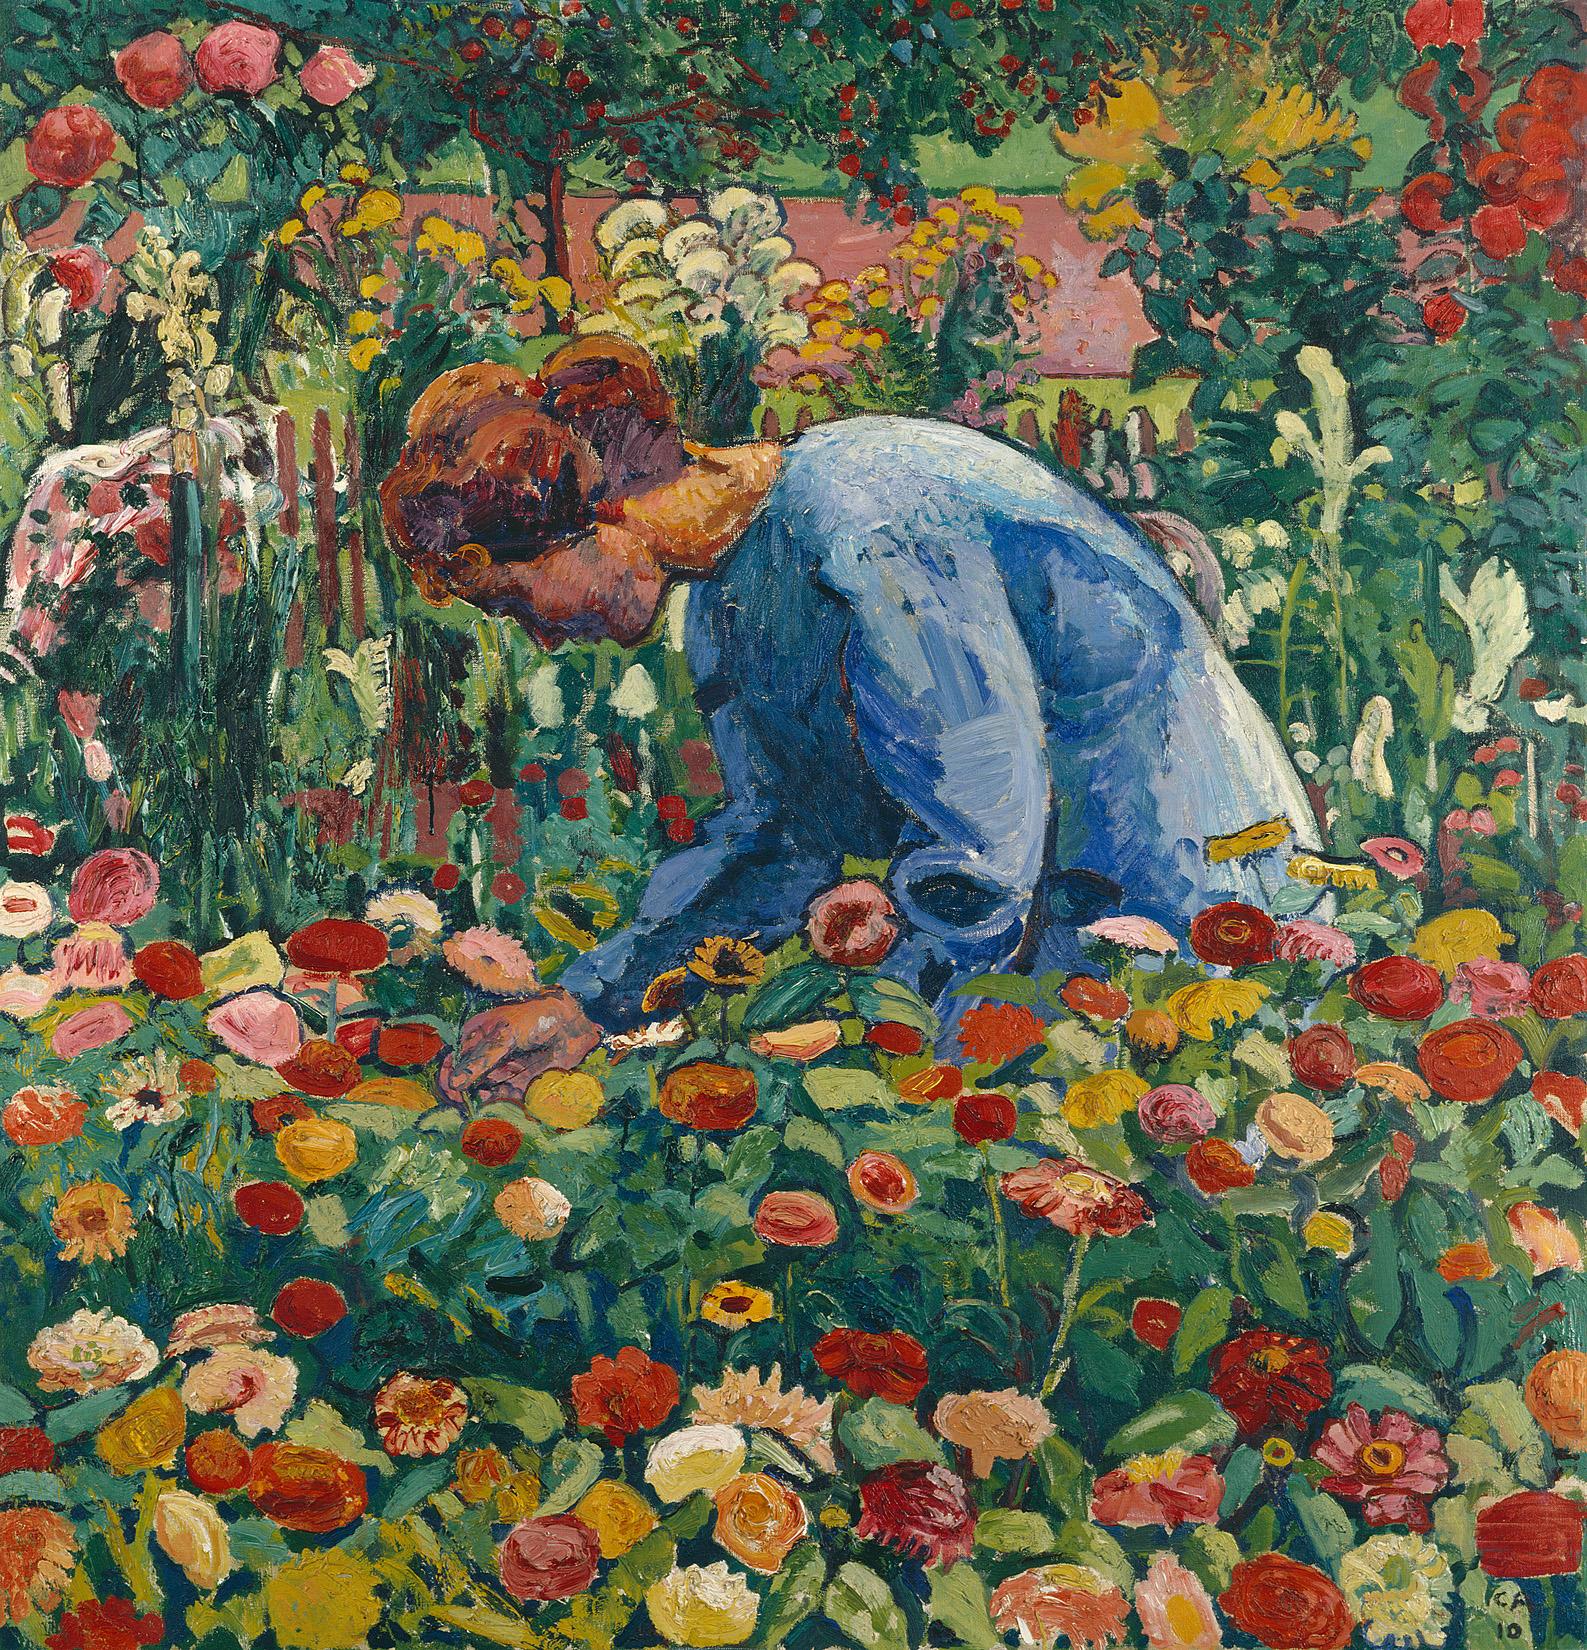 Cuno Amiet, Anna Amiet im Blumengarten, 1910